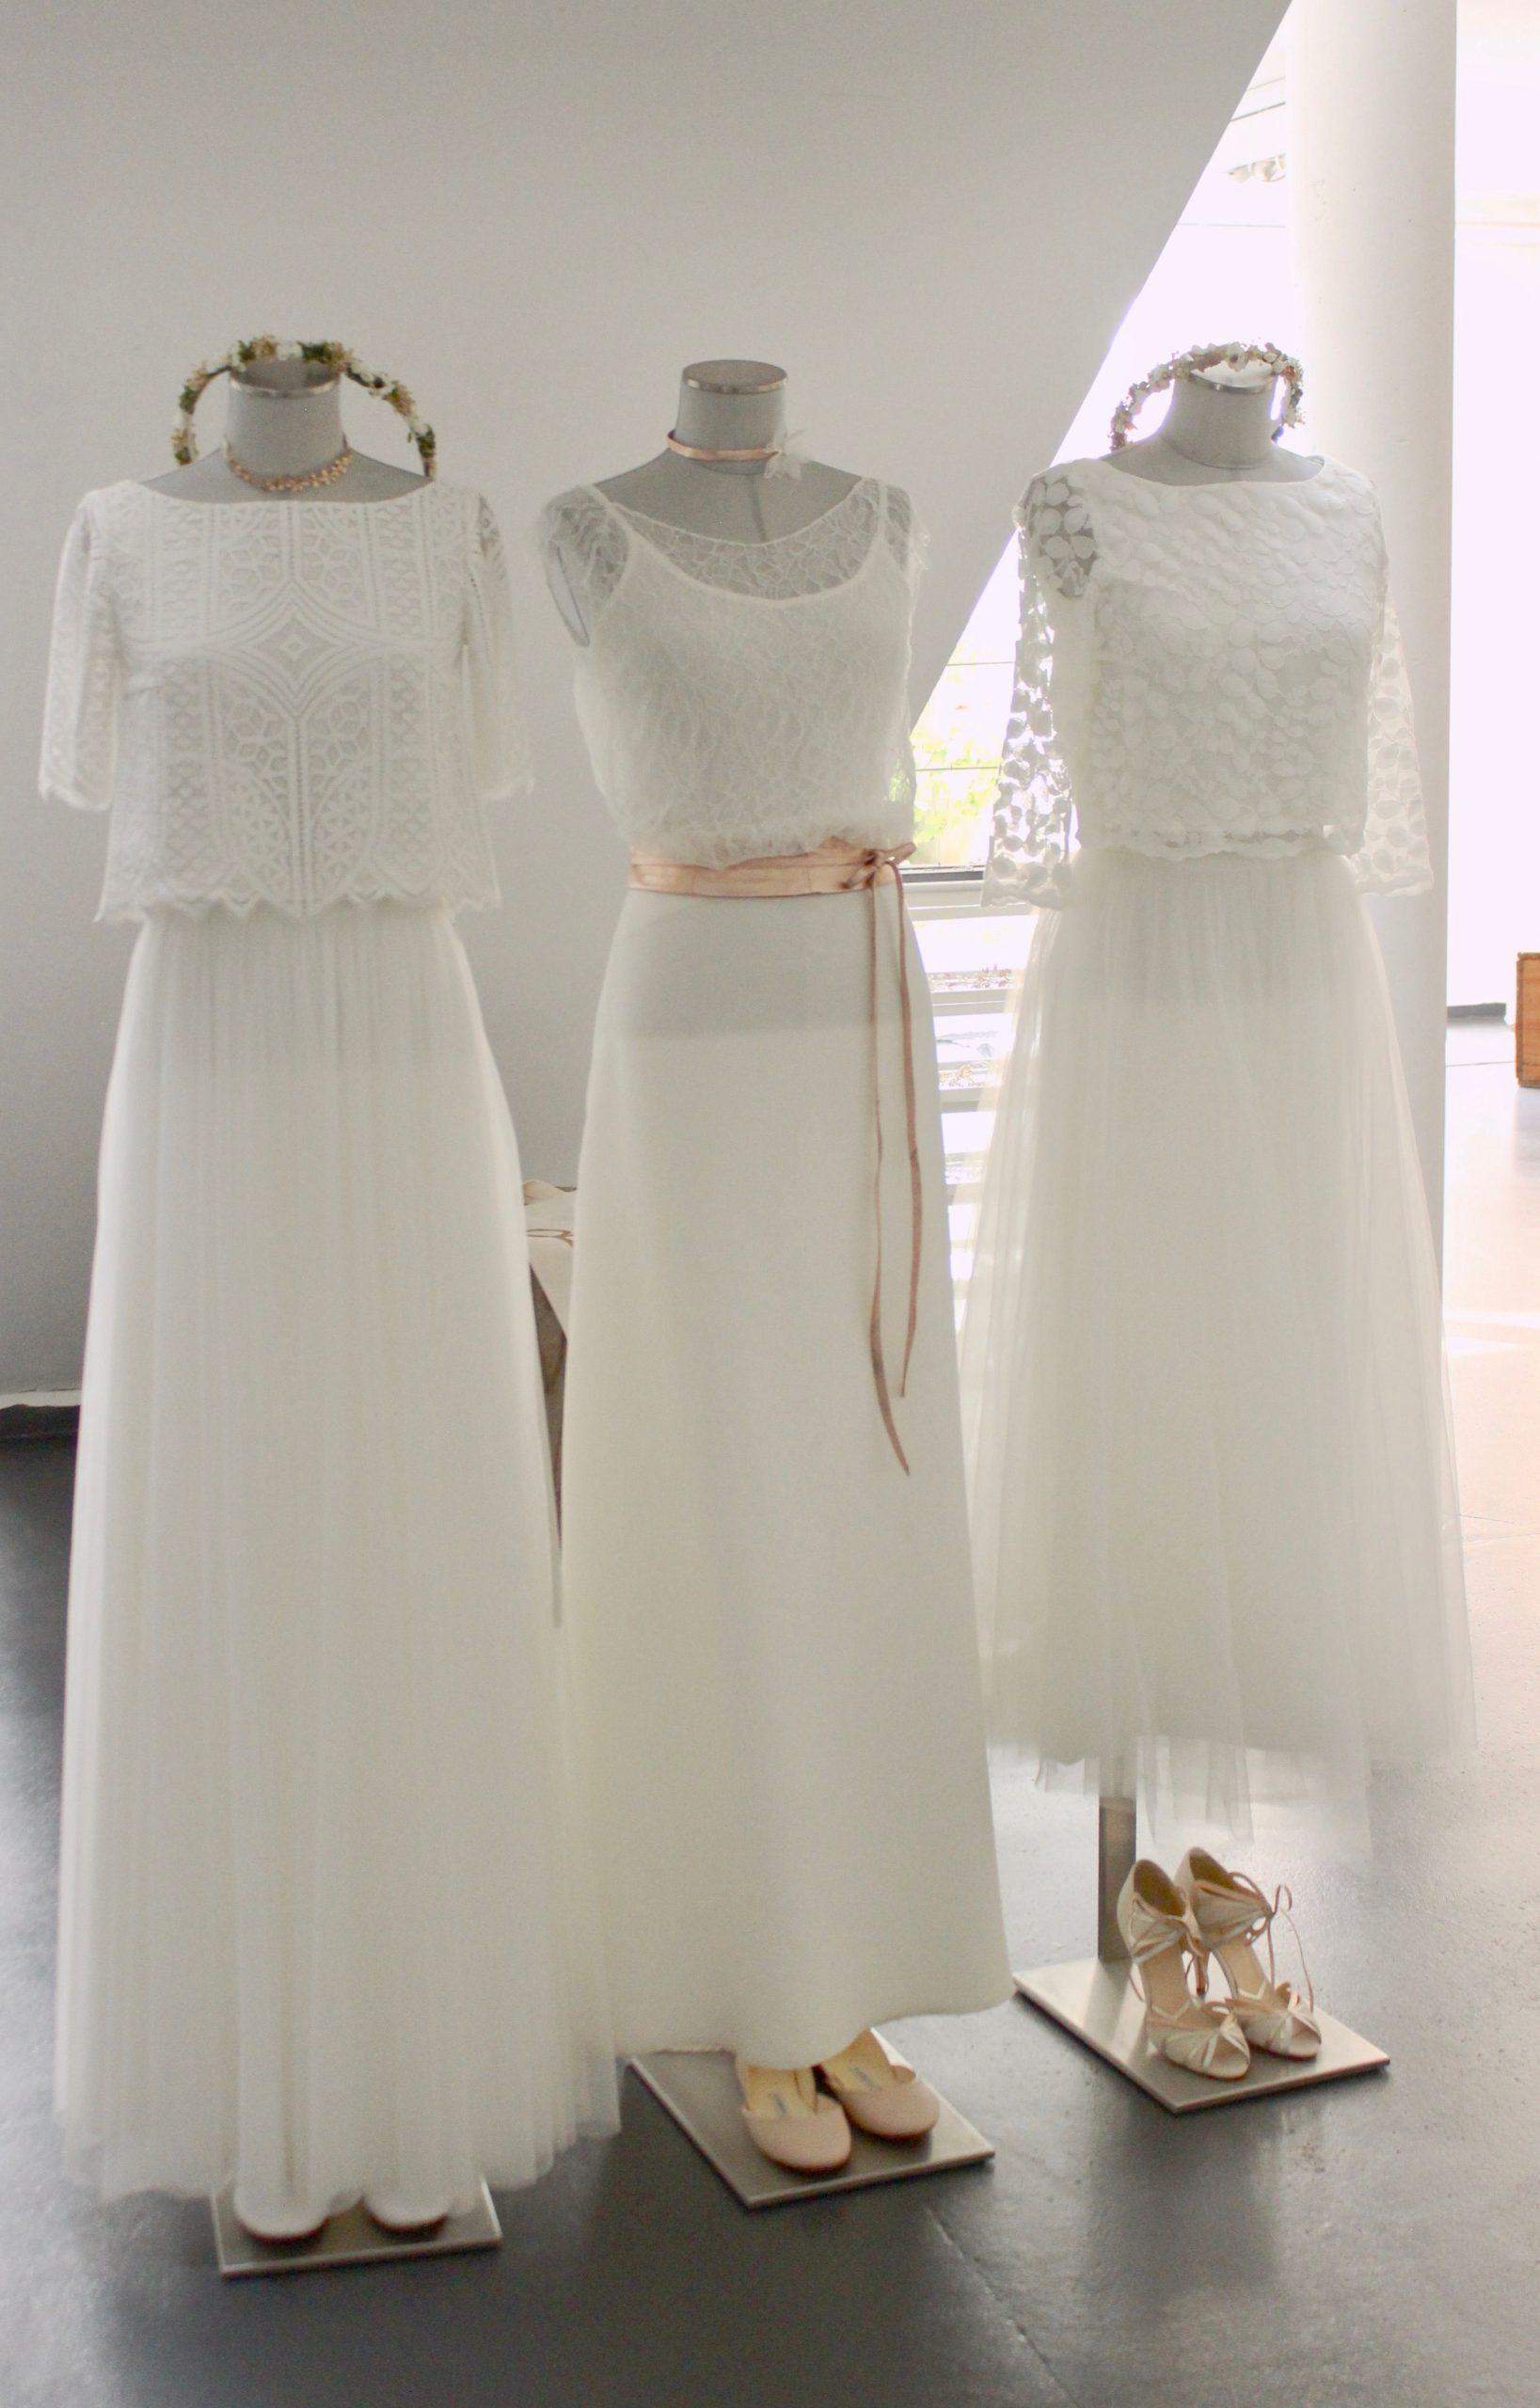 Zweiteiler, Brautkleider, Spitzentops Und Tüllröcke Für Die